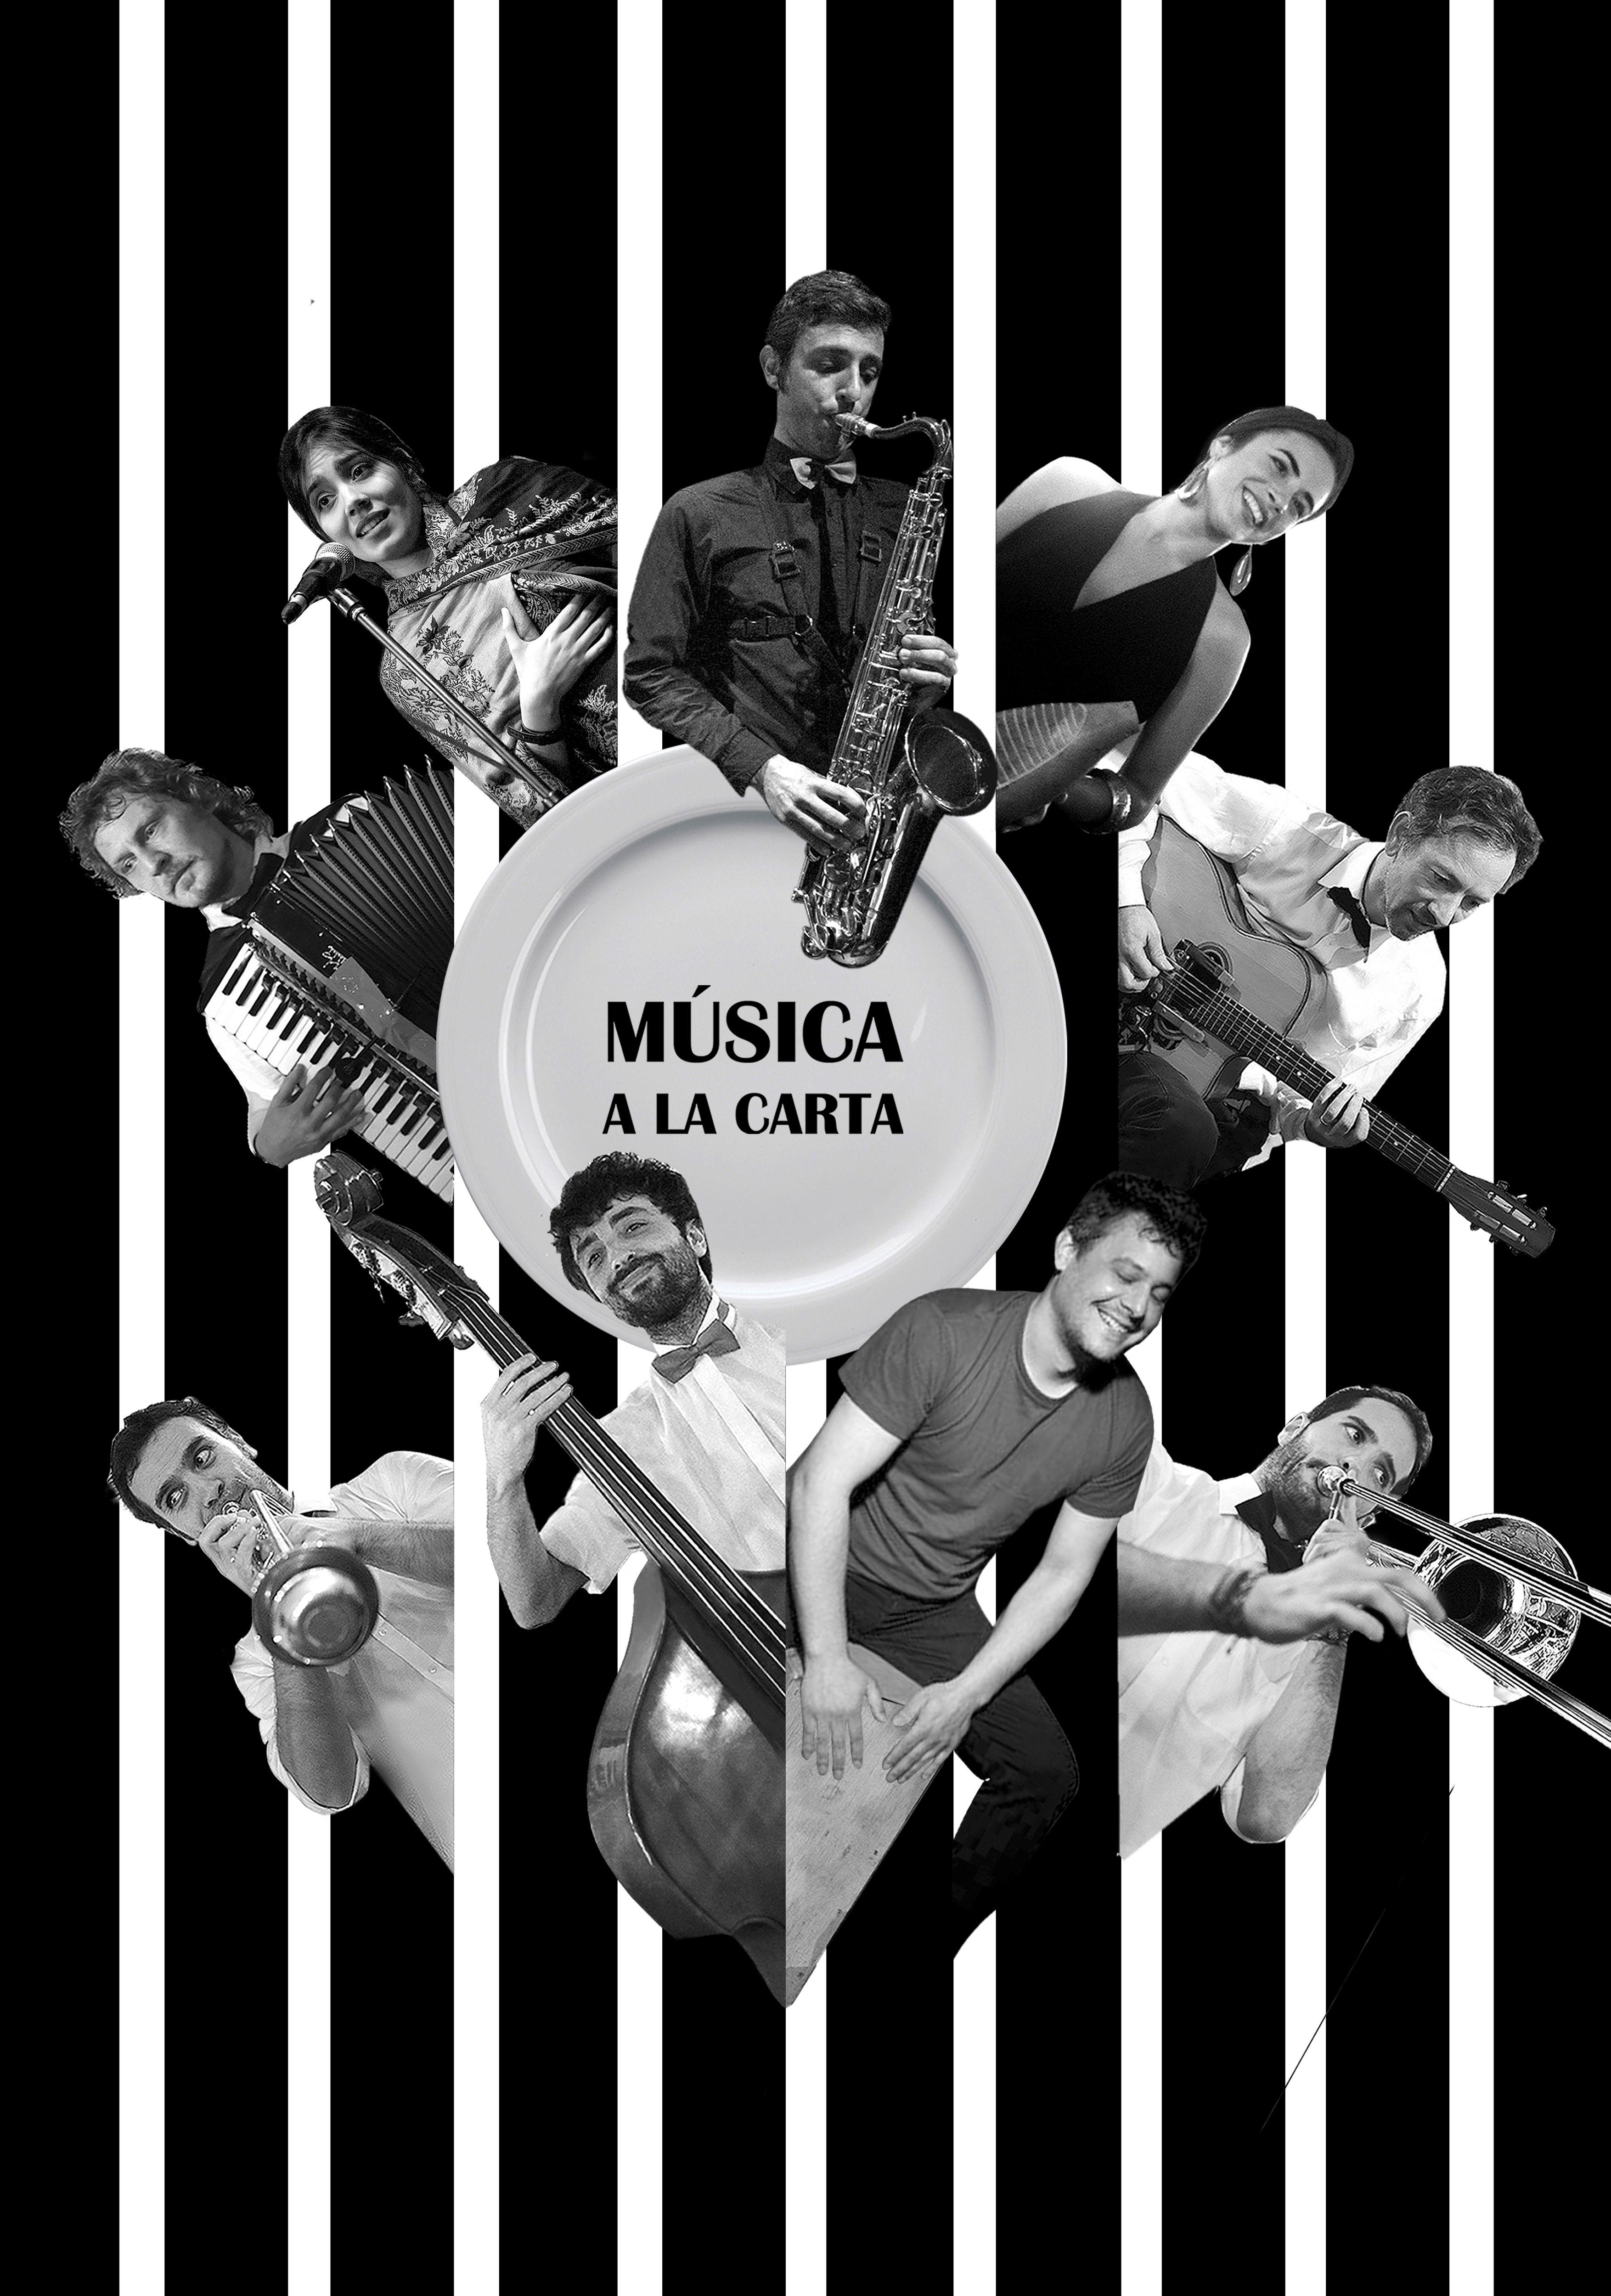 concierto: MÚSICA A LA CARTA